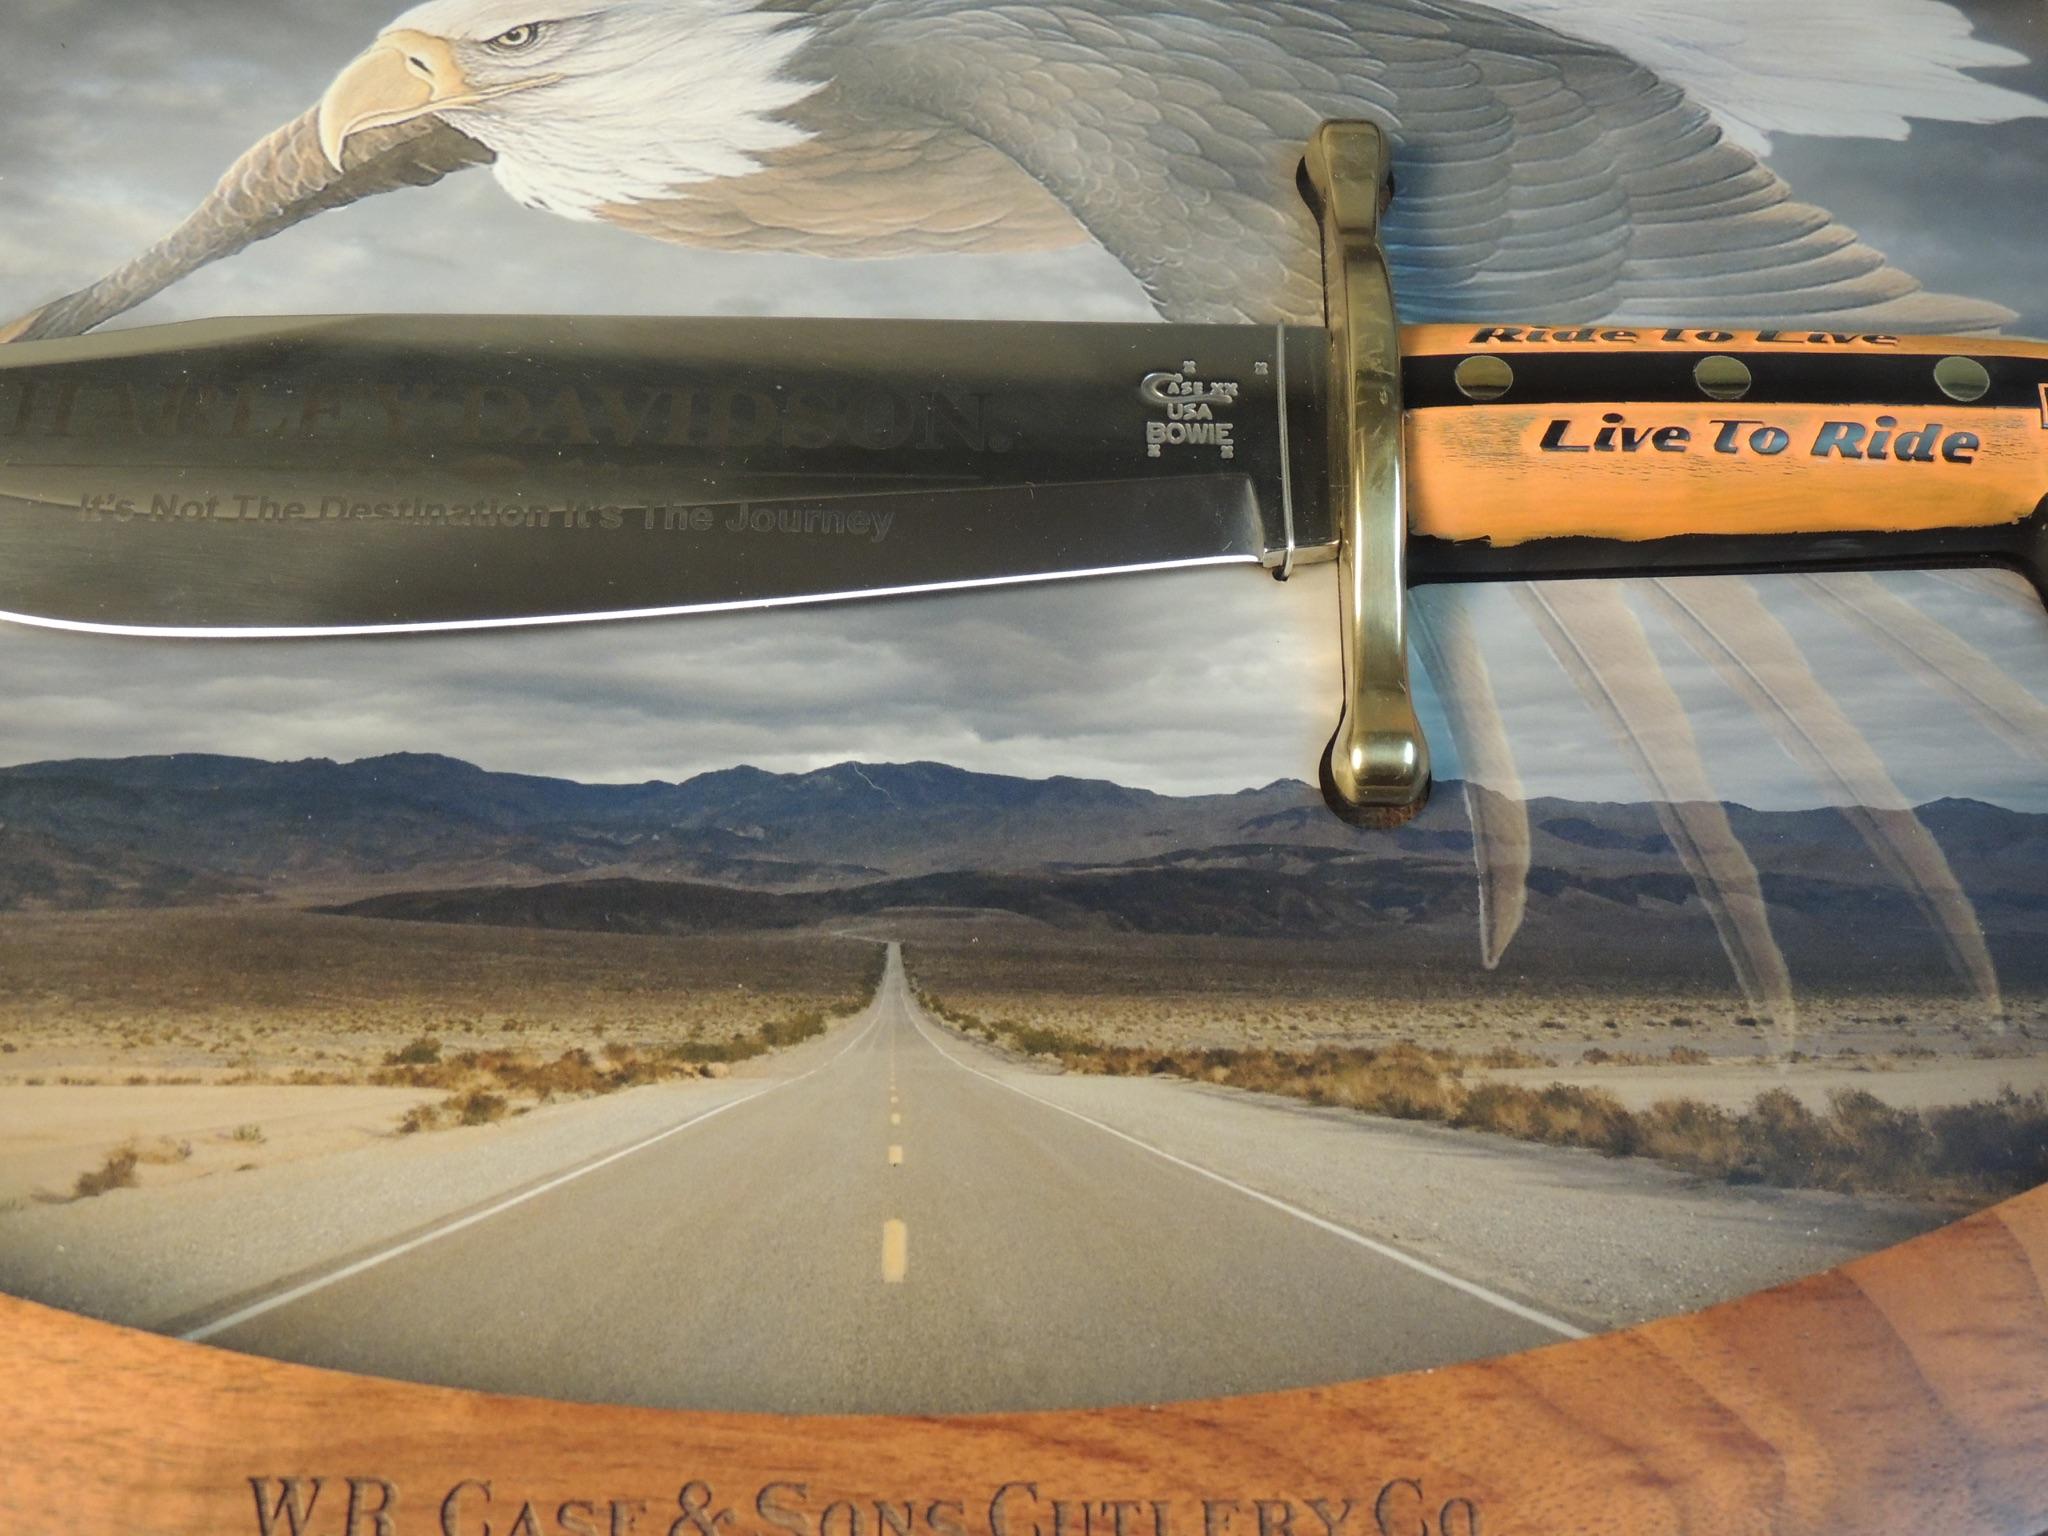 Harley-Davidson case Bowie knife